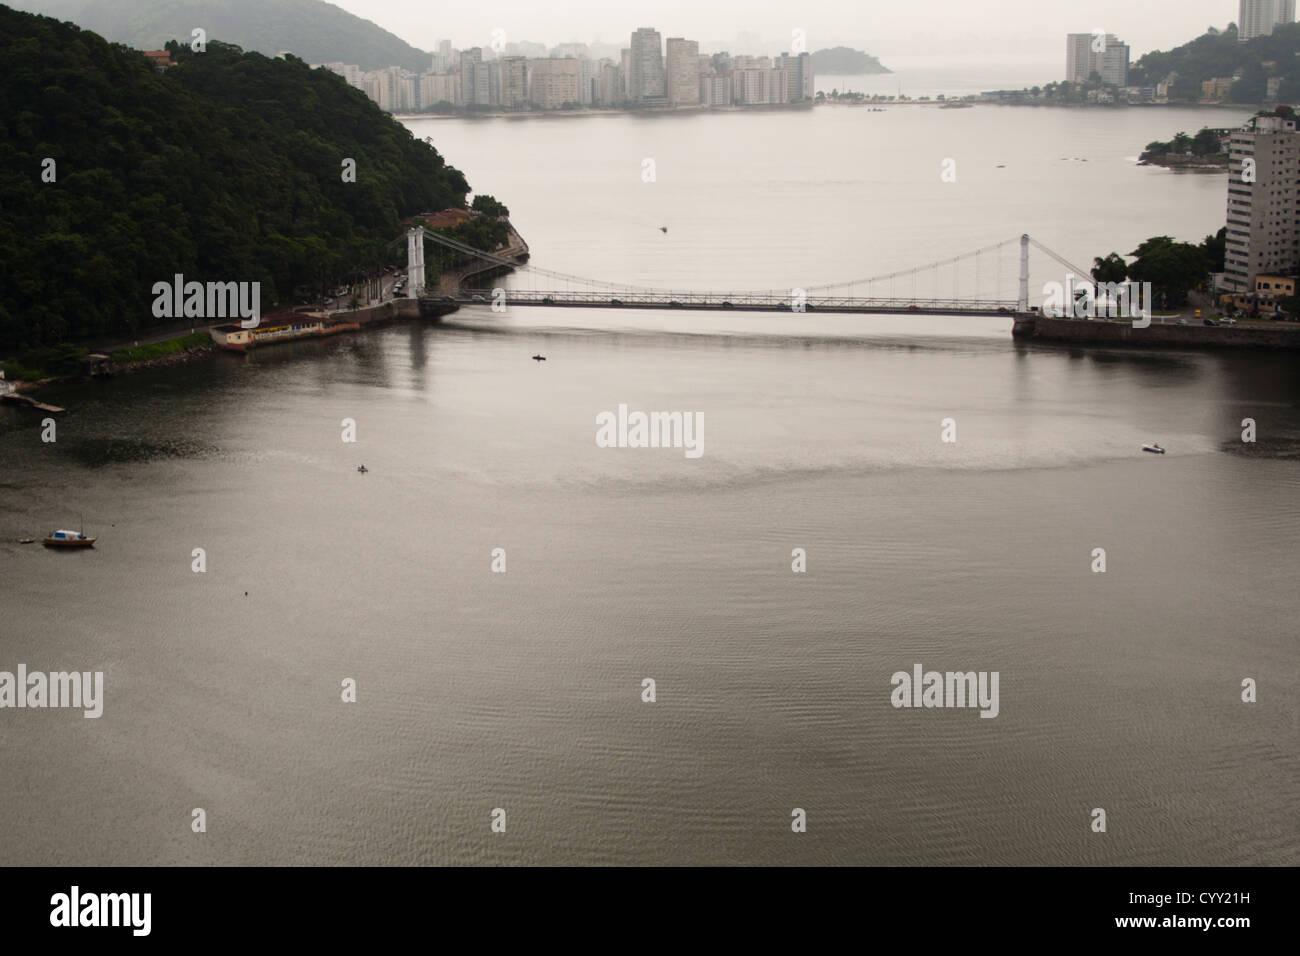 Vista aérea del puente (Ponte Pensil) entre São Vicente y Praia Grande ciudades, costa de Sao Paulo, al norte de Brasil. Foto de stock